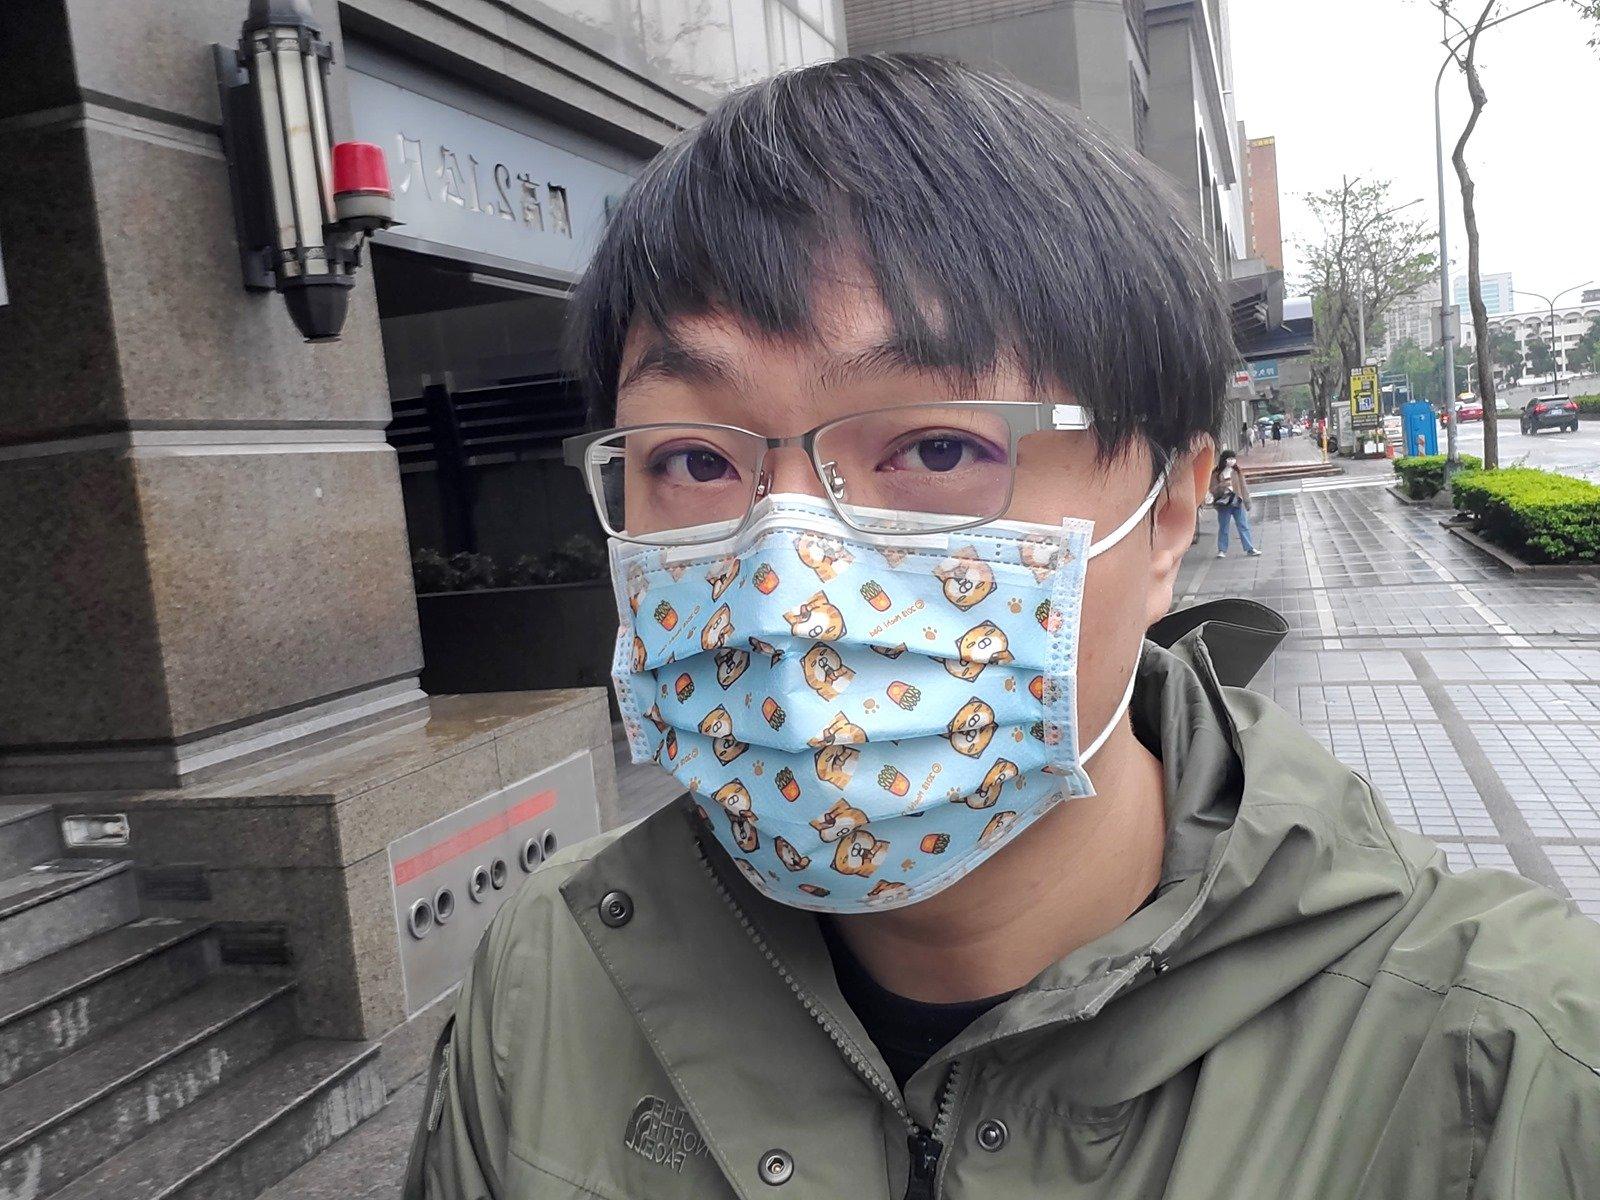 [聊新聞] 各種口罩臉部辨識技巧阿輝怎麼看? @3C 達人廖阿輝